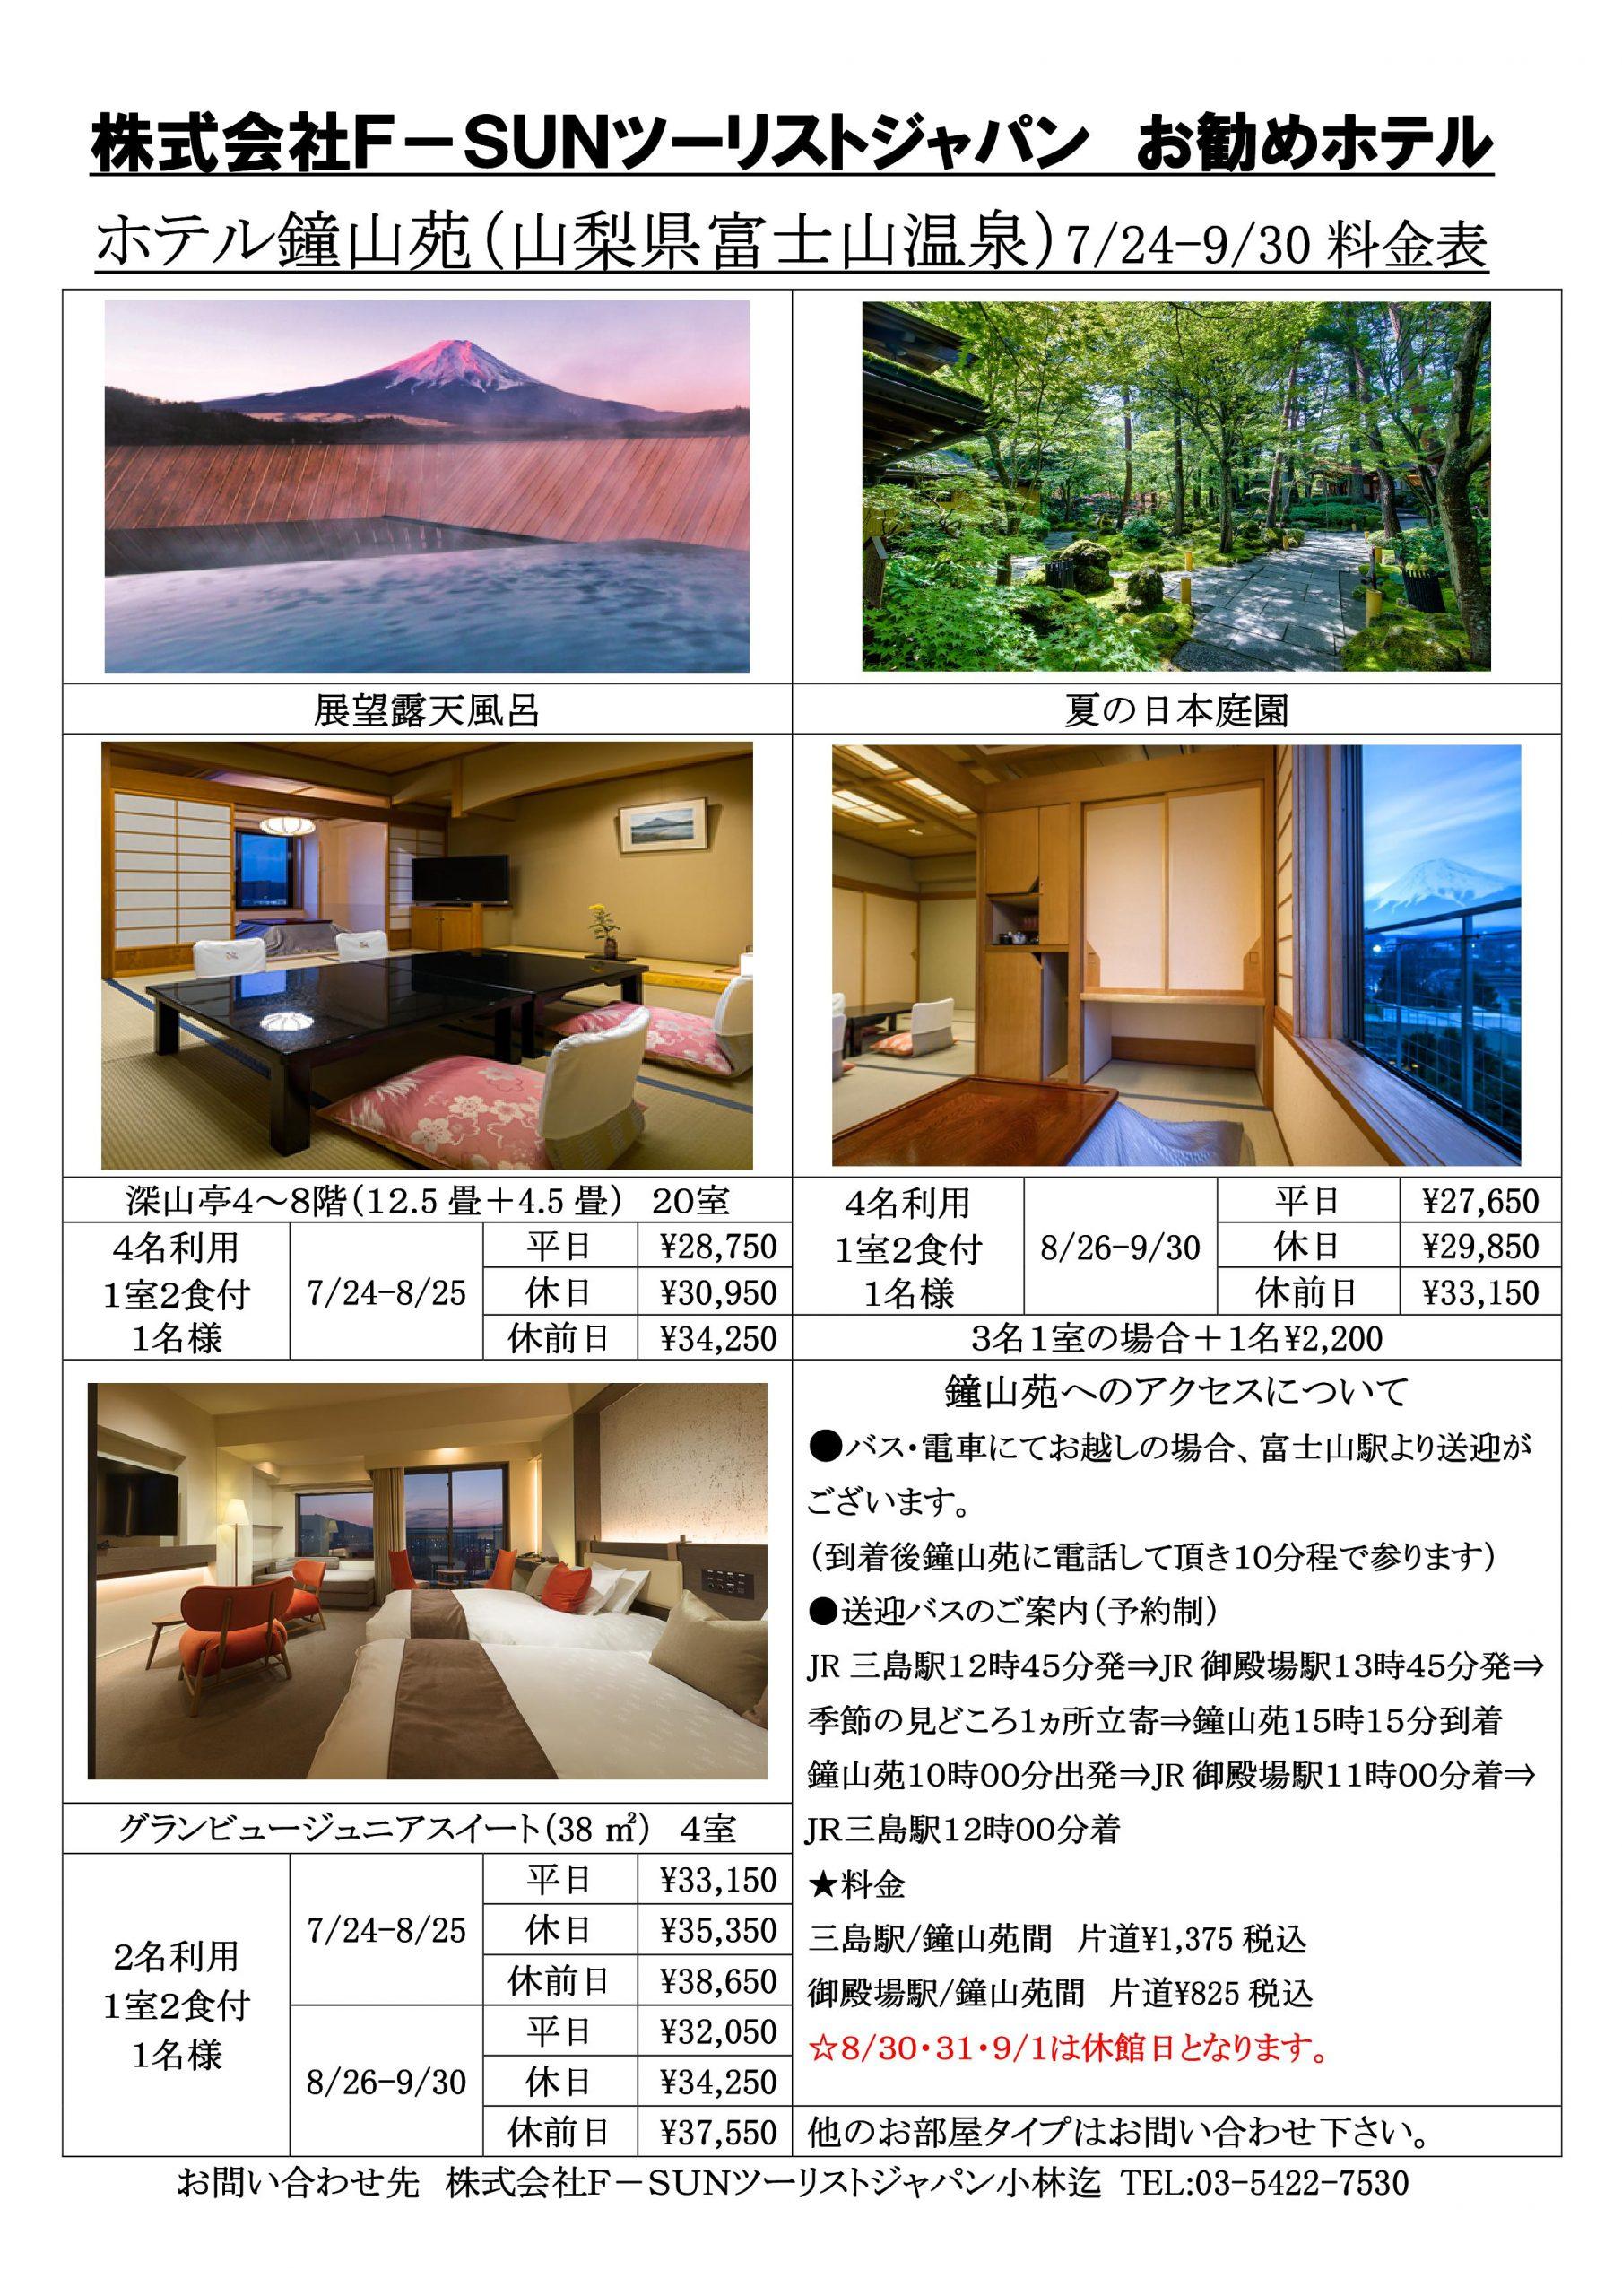 夏のファミリー・カップルにお勧めの宿③(山梨県富士山温泉 鐘山苑)